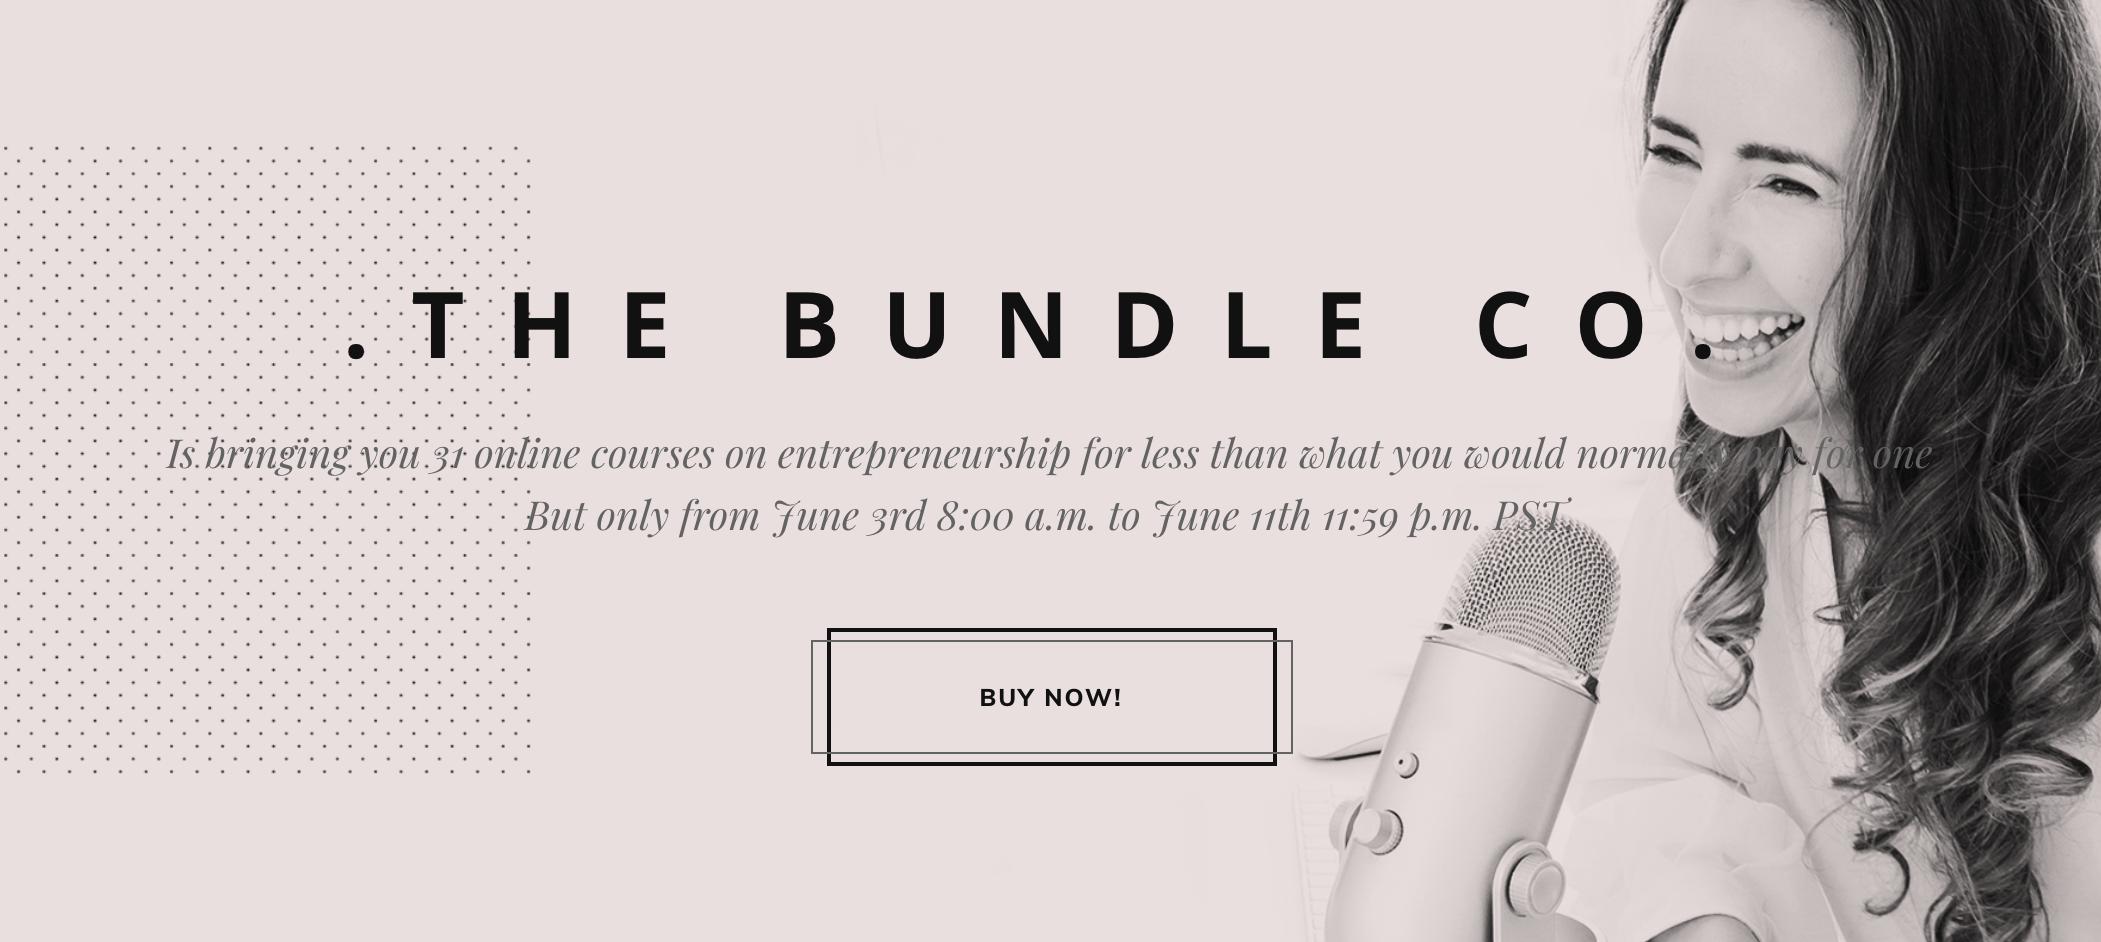 Nancy Ray Bundle Co Entrepreneurship Bundle